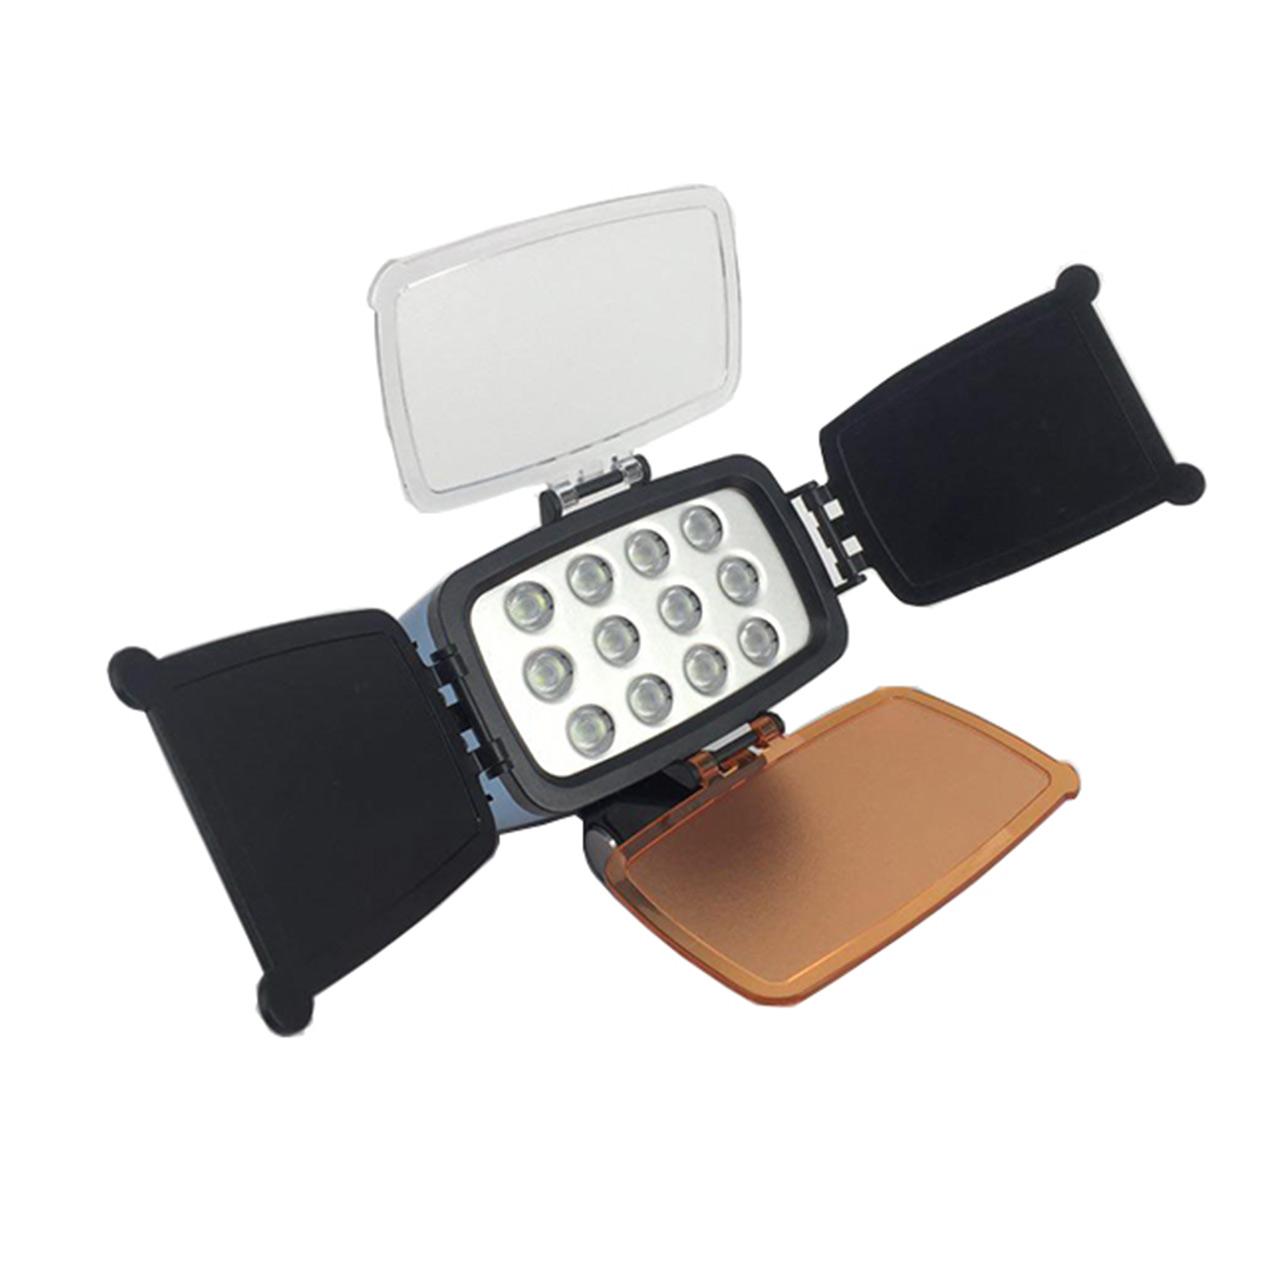 نور ثابت ال ای دی دی بی کی مدل LED-M5026